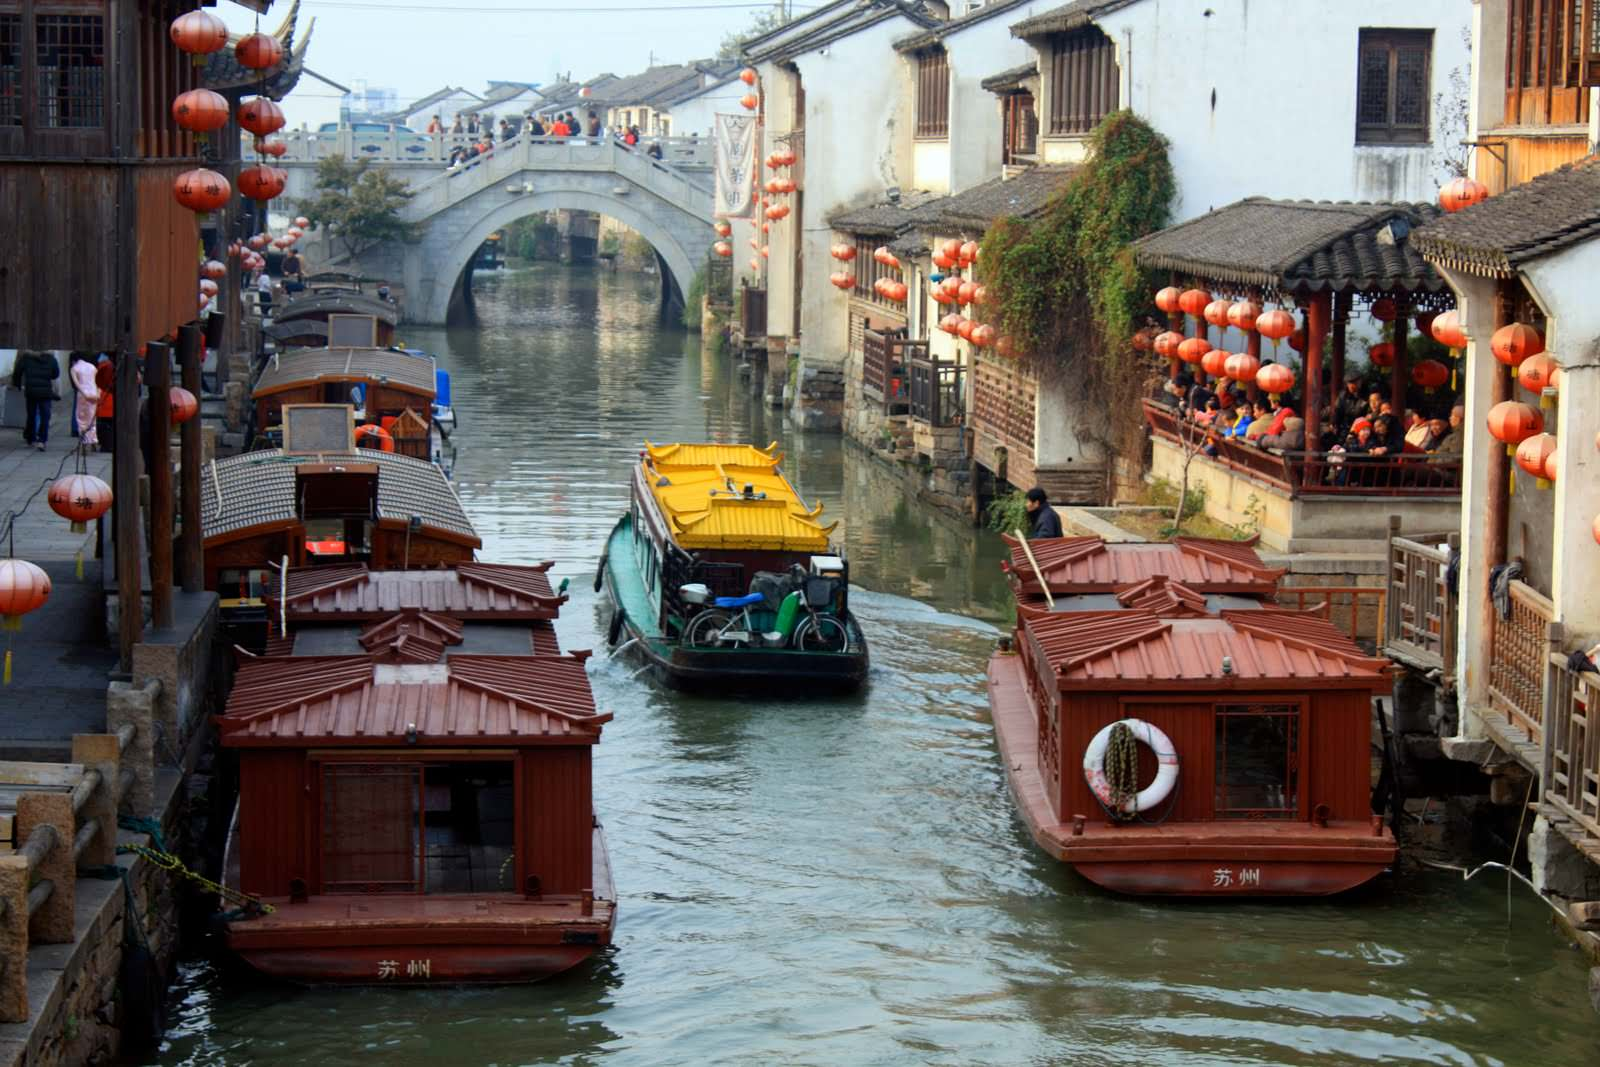 kanal suzhou china